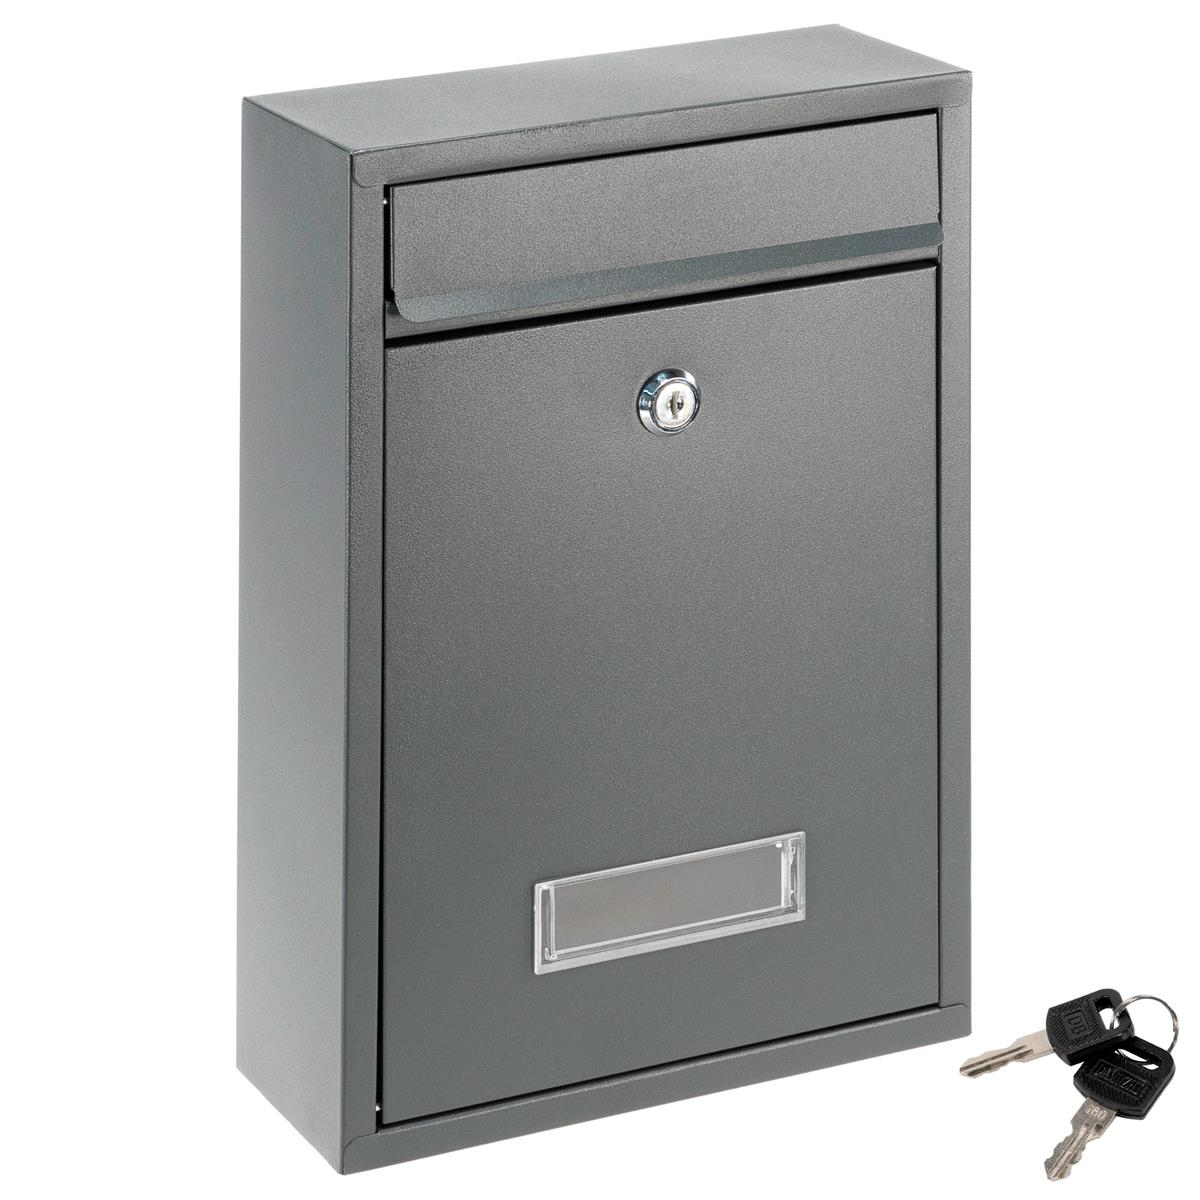 Briefkasten ELI Wandmontage Anthrazit 2 Schlüssel Stahl mit Namensschild